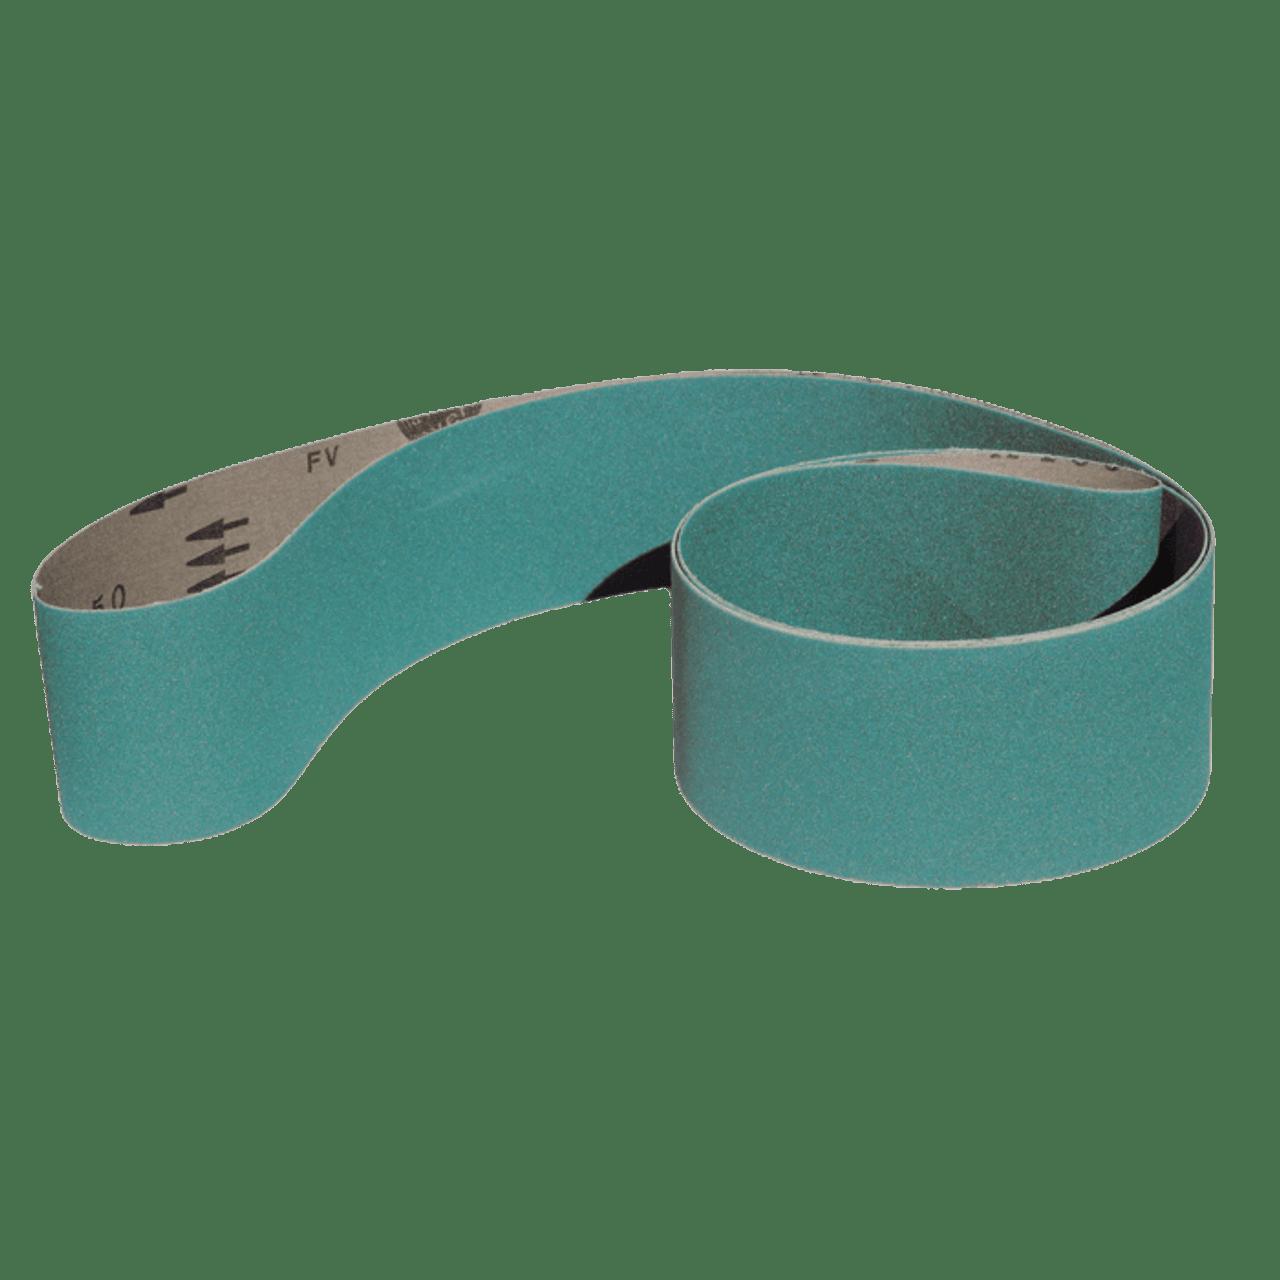 4 Pack 3 X 18 Inch 60 Grit Metal Grinding Zirconia Sanding Belts